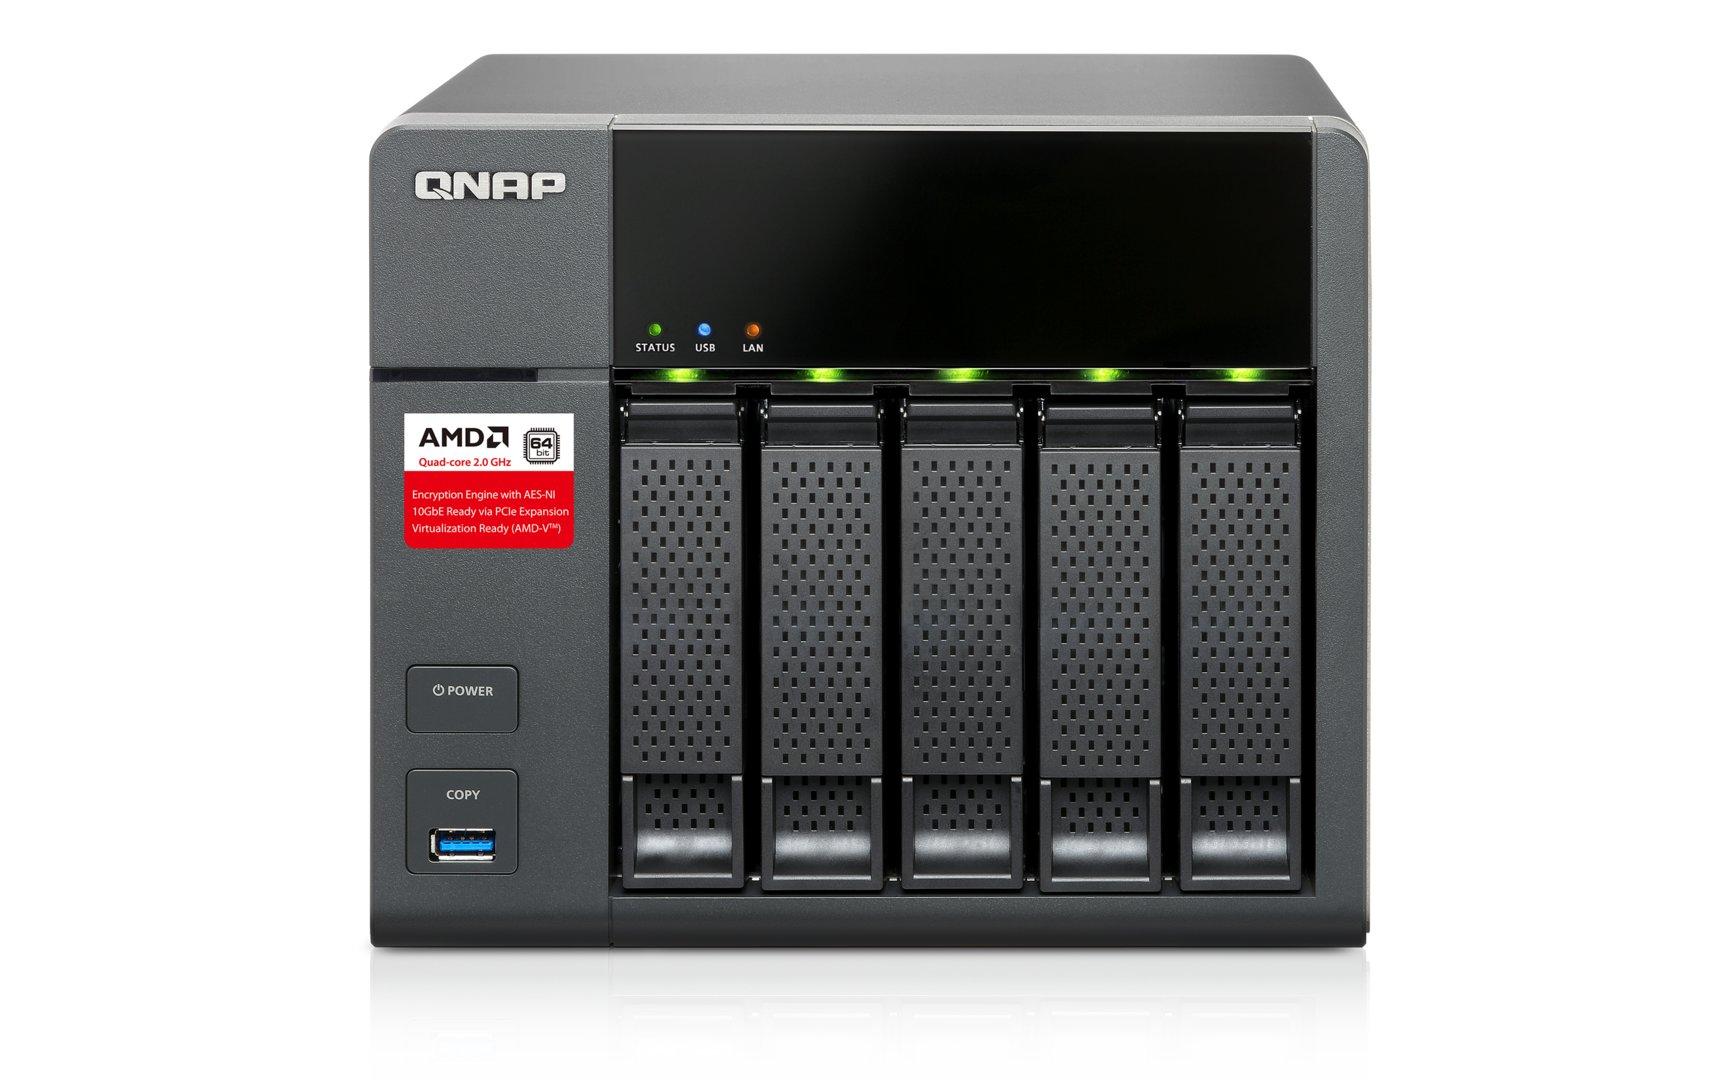 QNAP TS-563 – Status-LEDs für alle HDDs